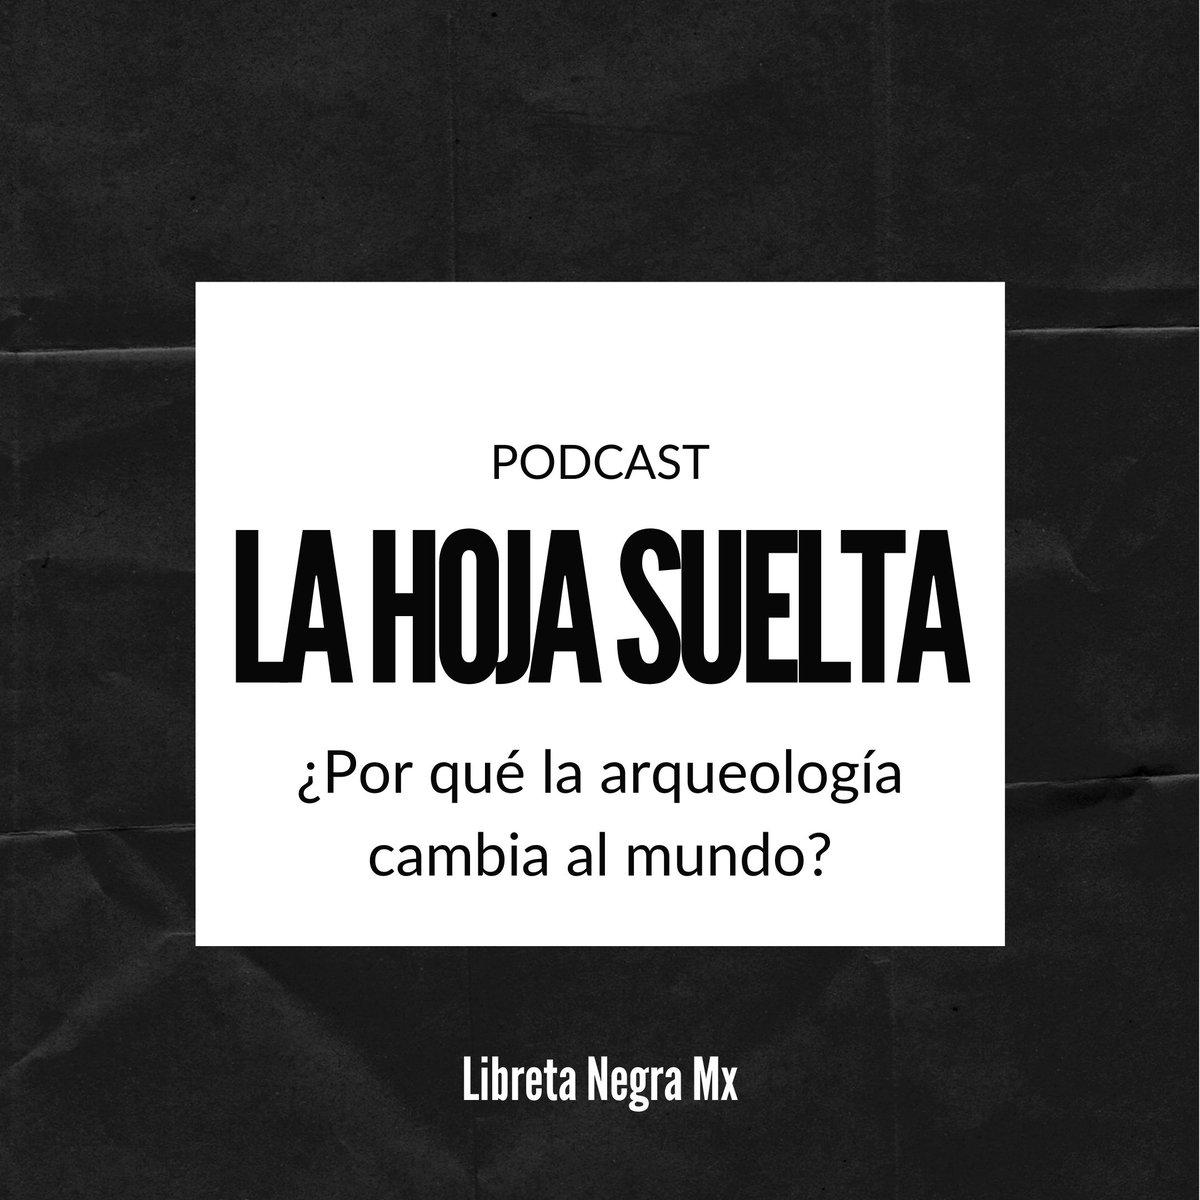 ¿Ya nos escucharon hablar del cambio que hace la #arqueología en el mundo?  En Podcast #LaHojaSuelta:   #CultivamosMemorias